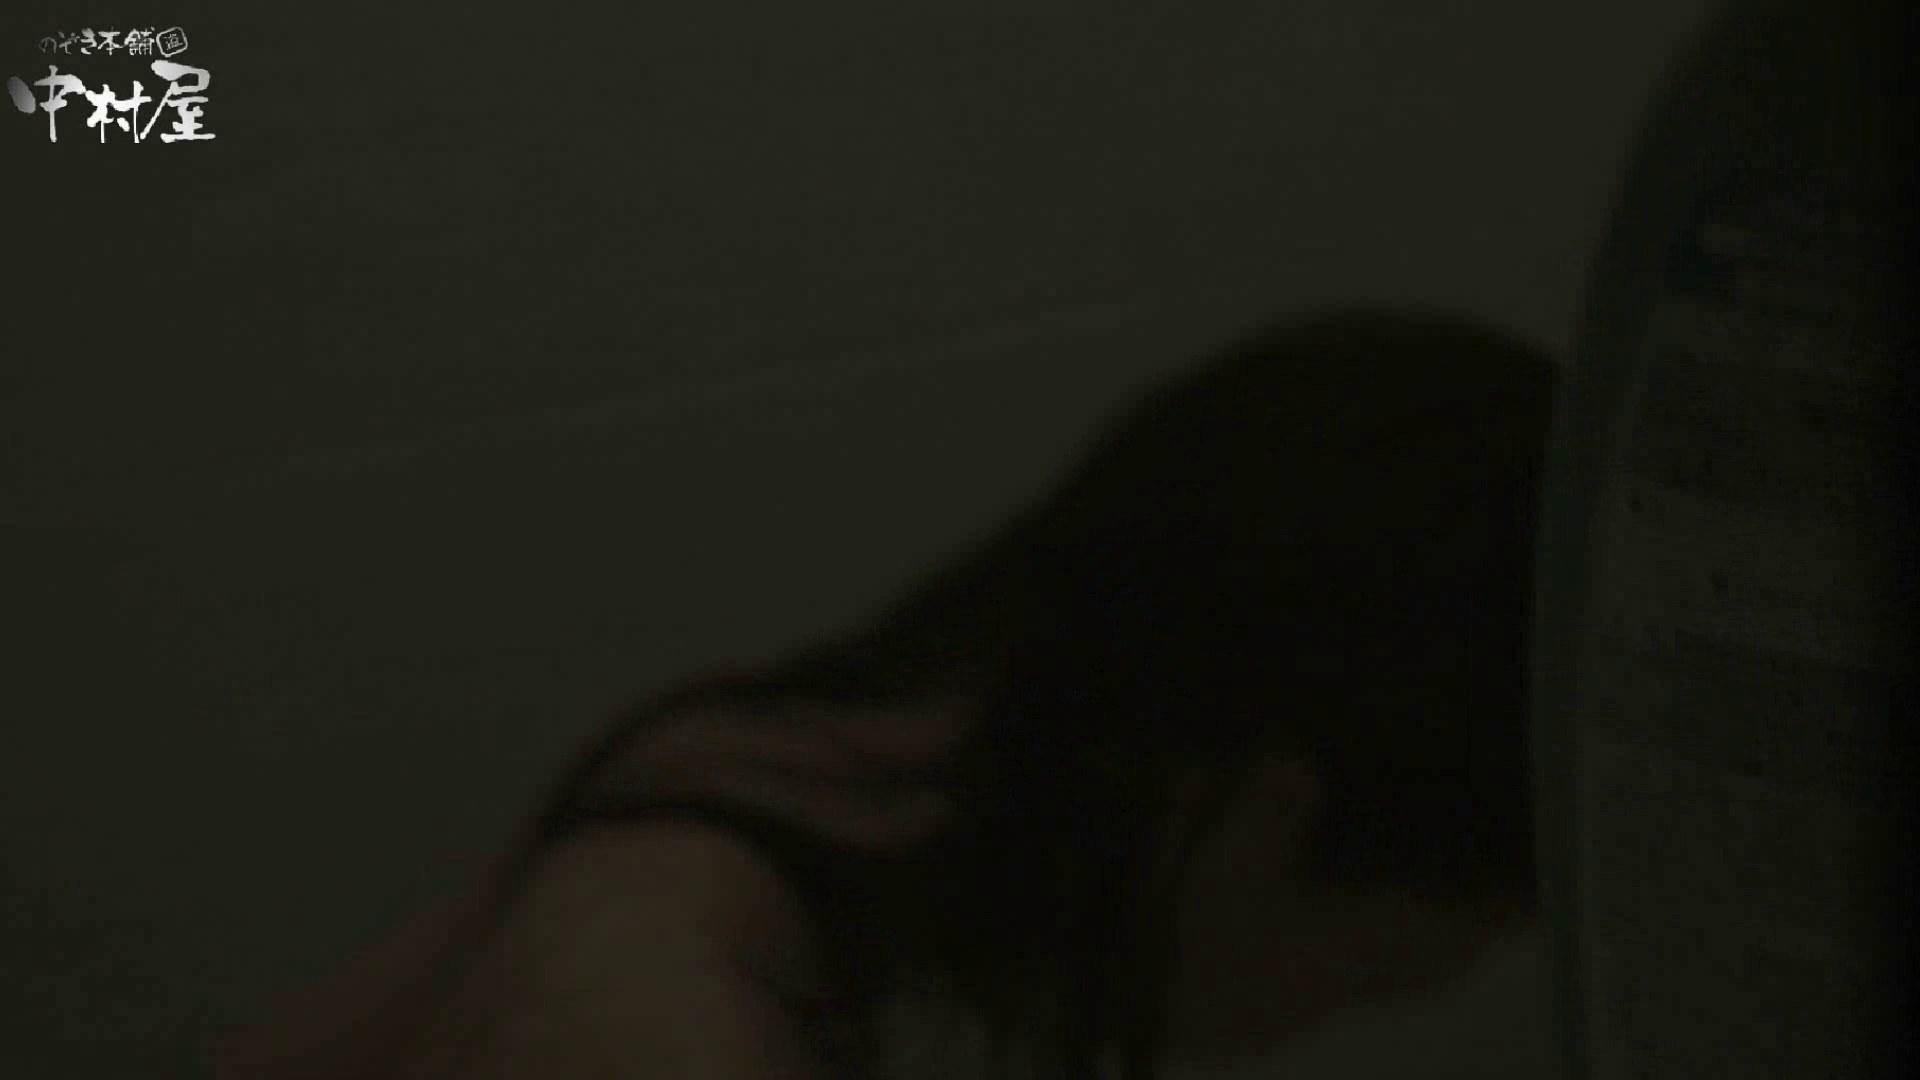 民家風呂専門盗撮師の超危険映像 vol.029 民家 すけべAV動画紹介 26連発 4